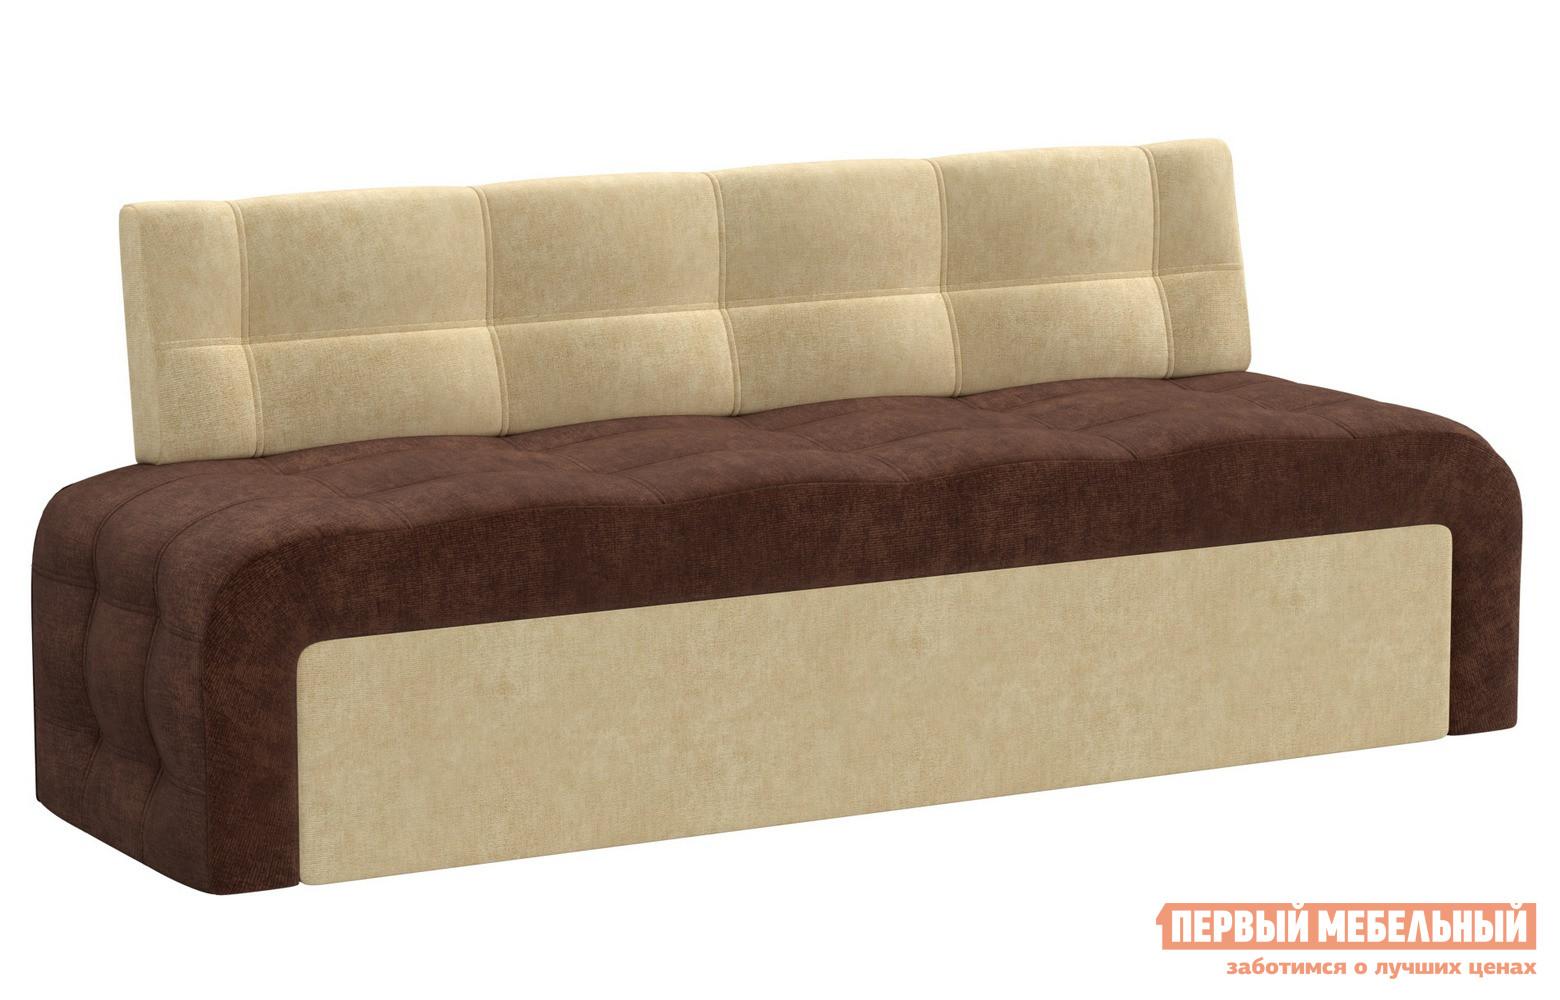 Кухонный диван  Кухонный диван Люксор микровельвет Коричнево-бежевый микровельвет